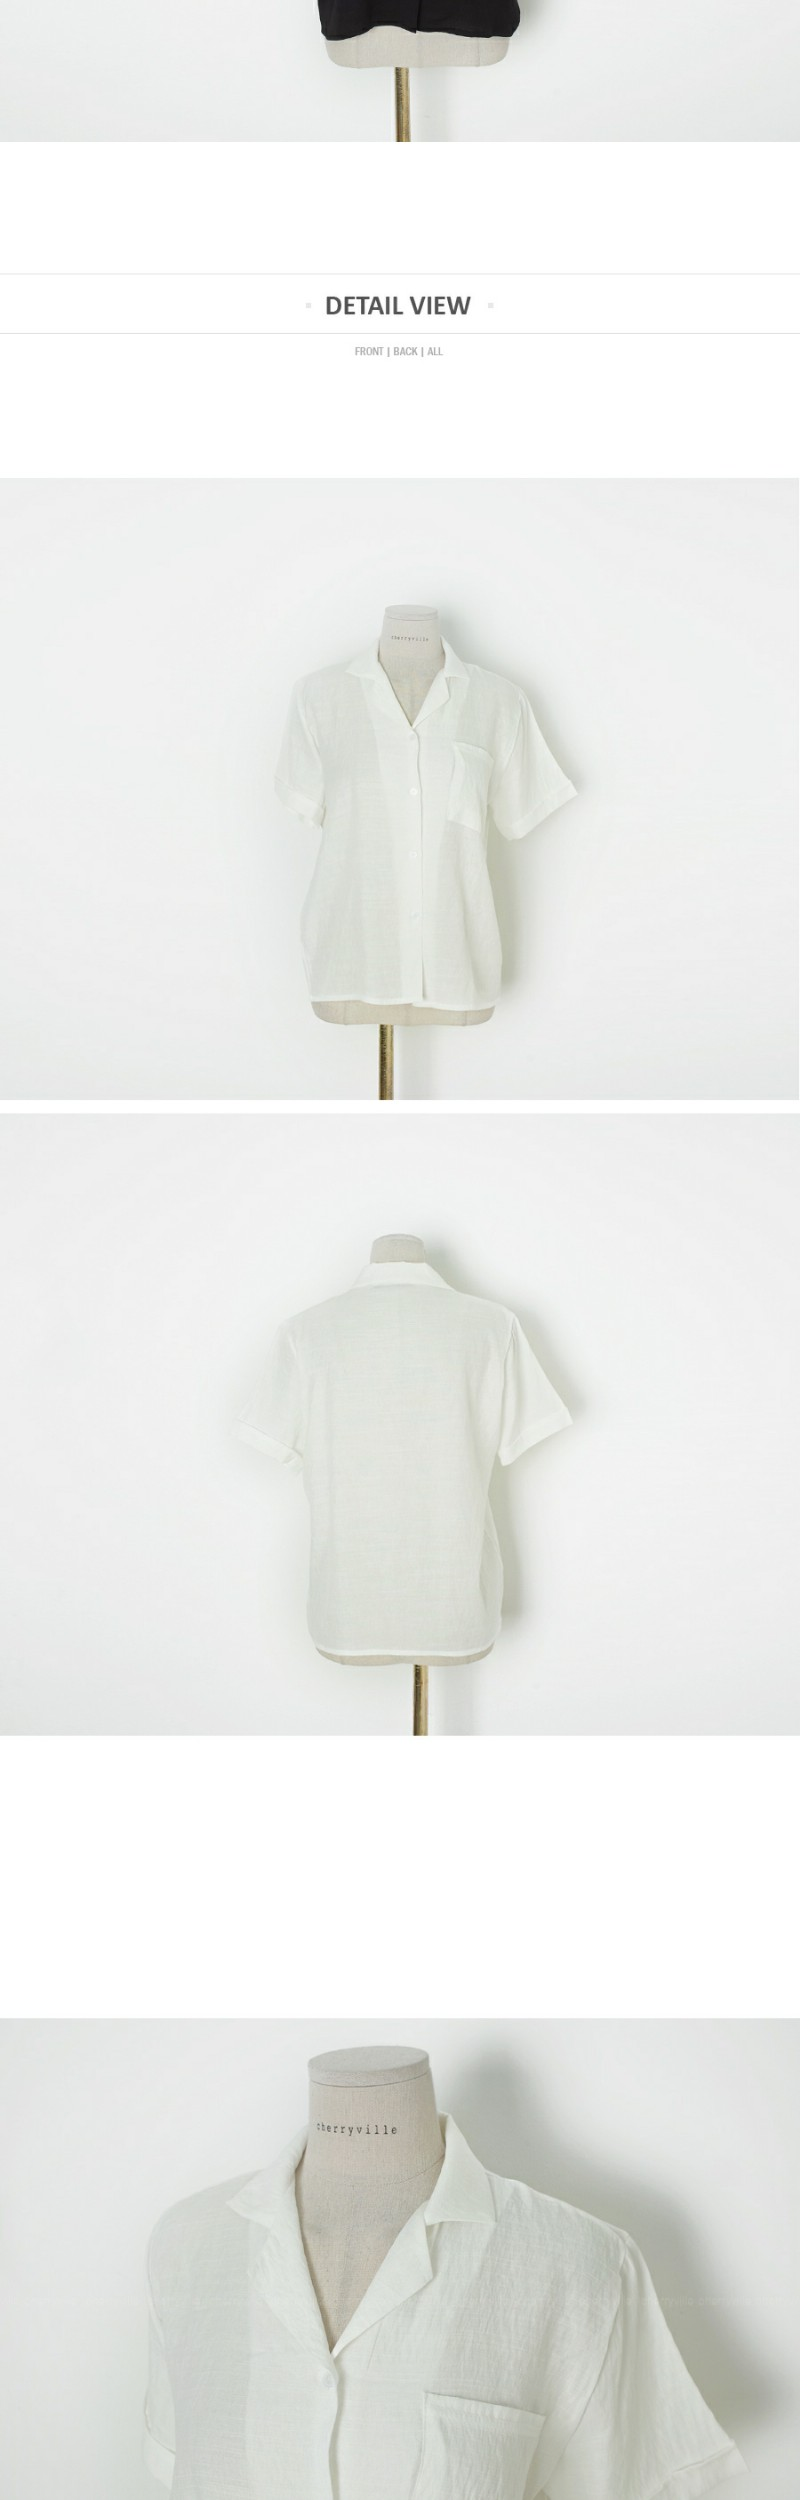 Shirtless shirts